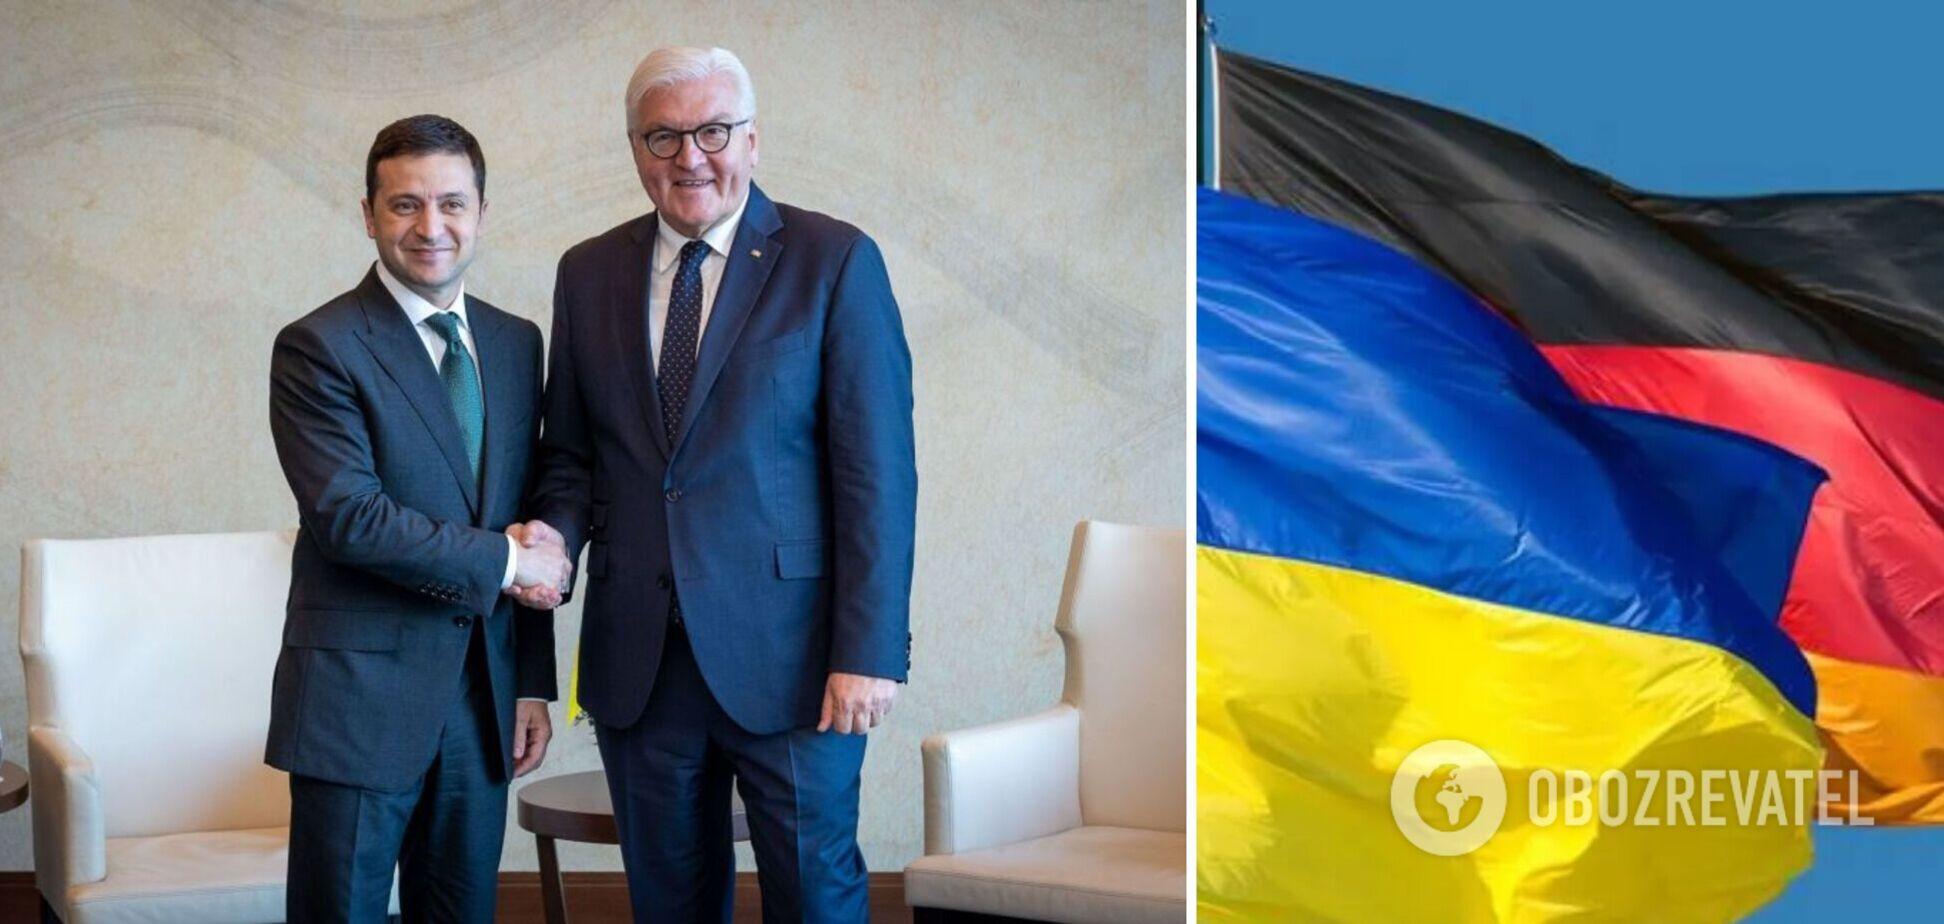 До Києва з офіційним візитом прибув президент Німеччини: він проведе зустріч із Зеленським. Фото